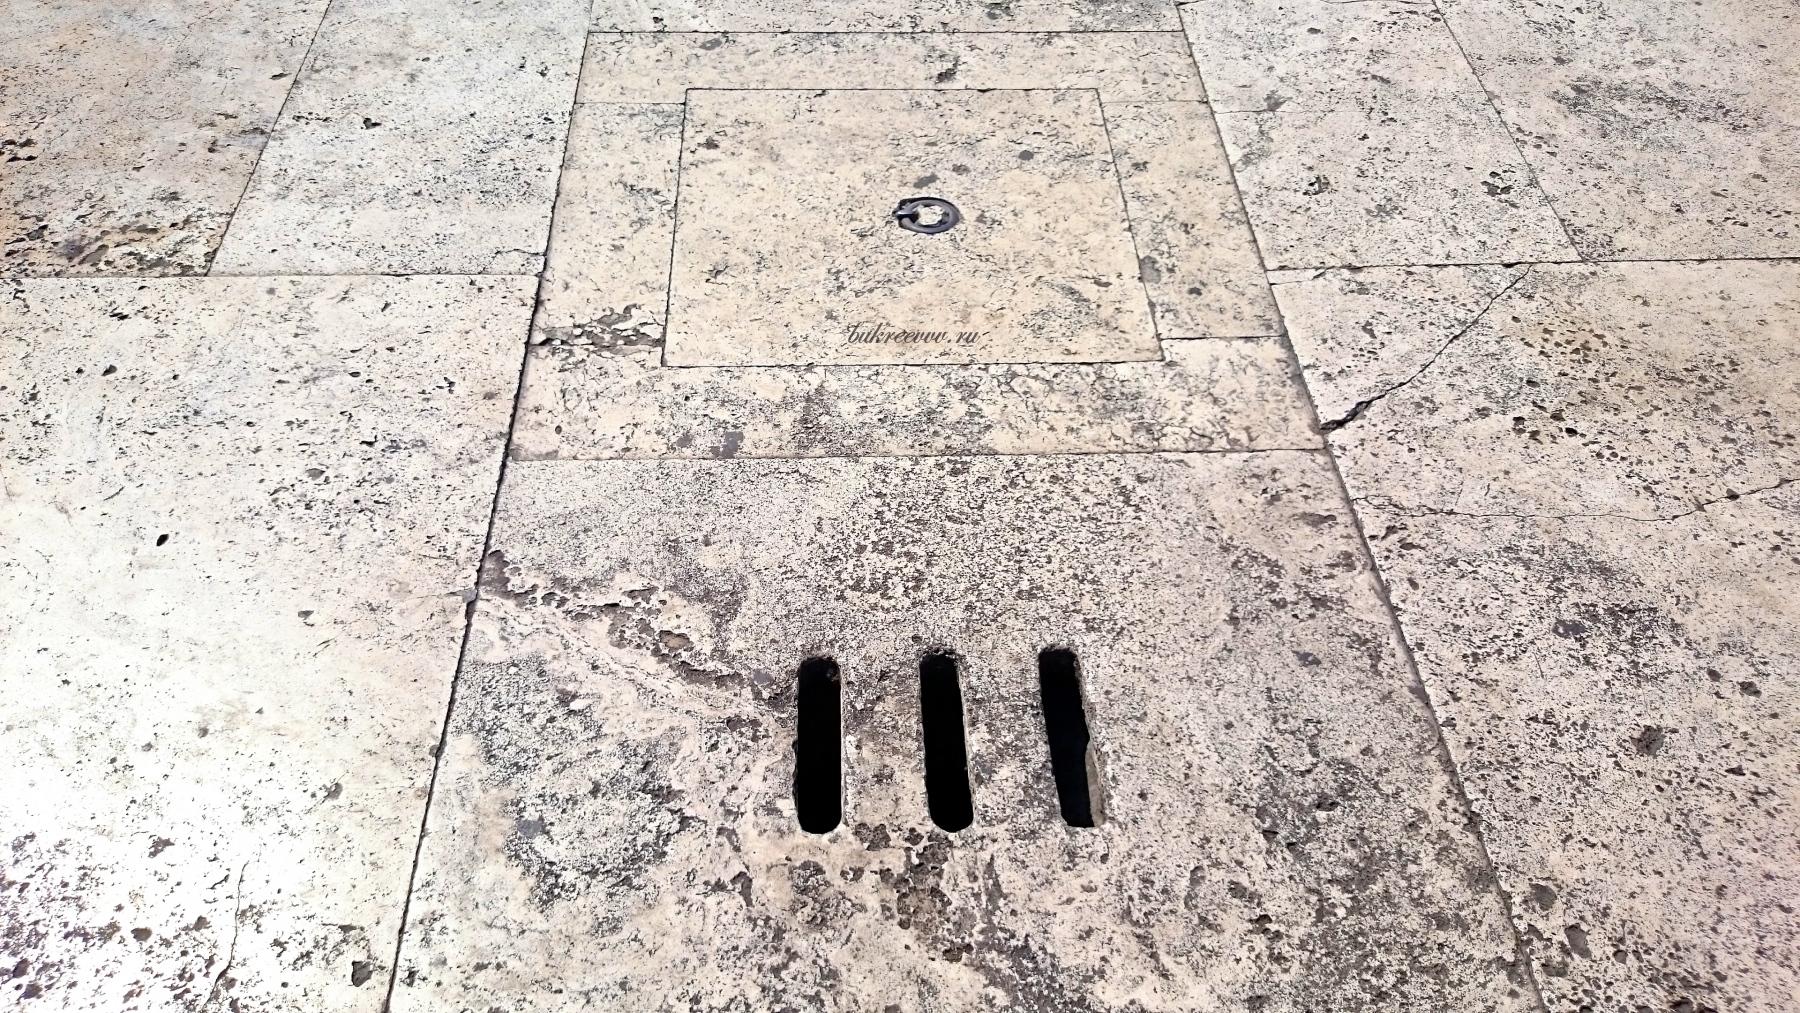 Piazza di Spagna 58